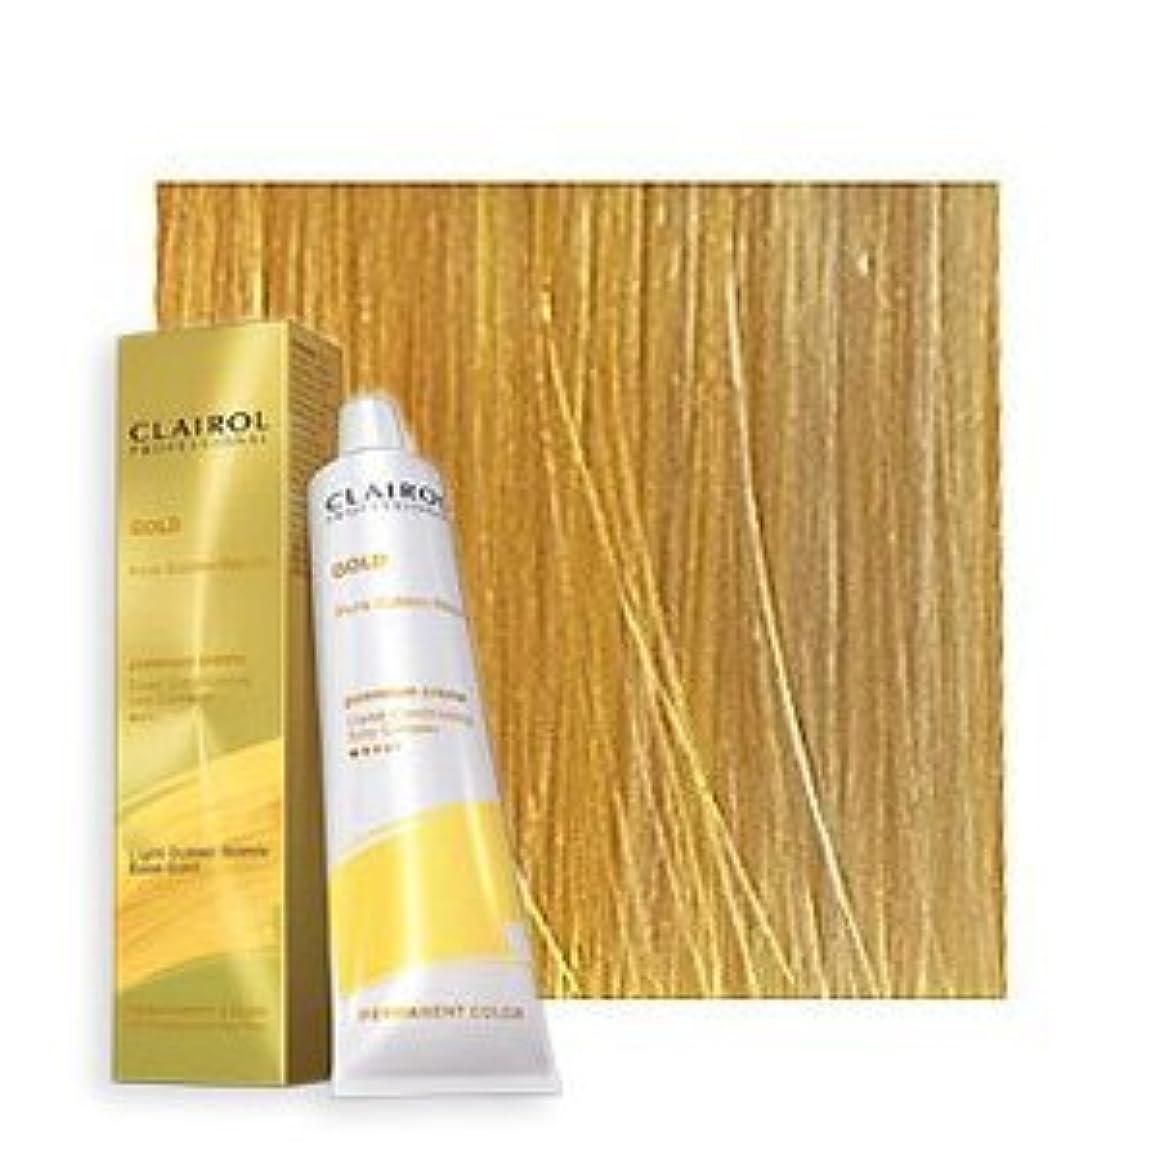 溶けるクーポン没頭するClairol Professional - SOY4PLEX - Lightest Golden Blonde 10G - 2 oz / 57 g